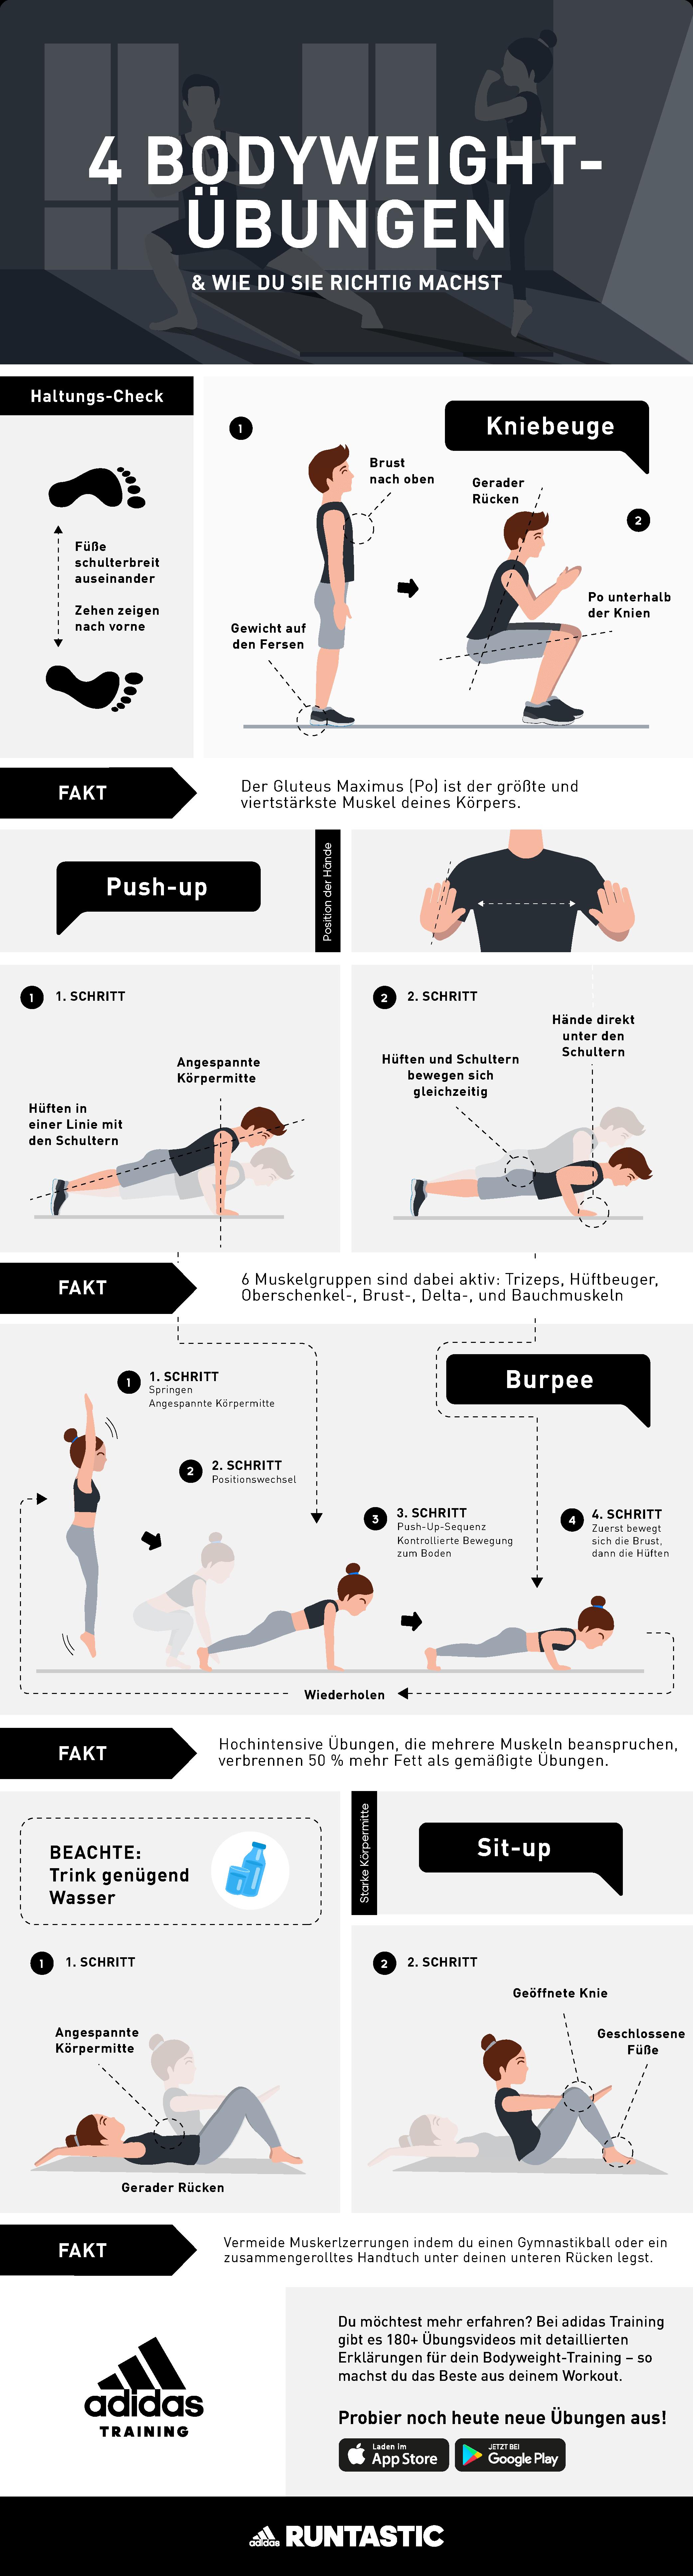 4 Grundübungen für dein Bodyweight-Training – so machst du sie richtig